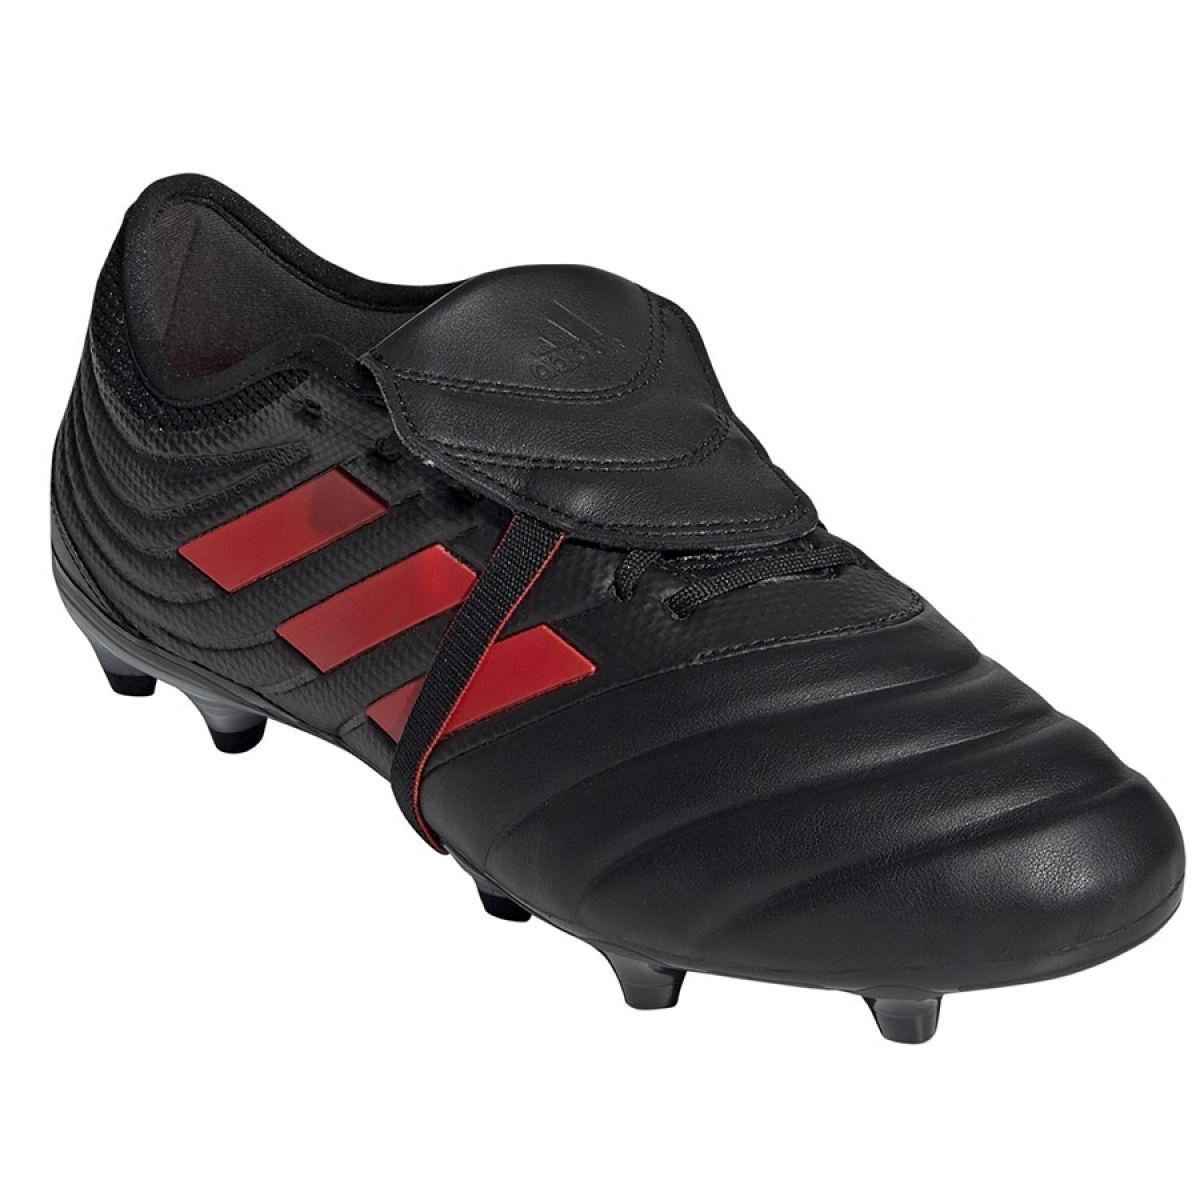 Adidas copa gloro 19.2 FG botas de fútbol de cuero blanco//verde//blanco d98062